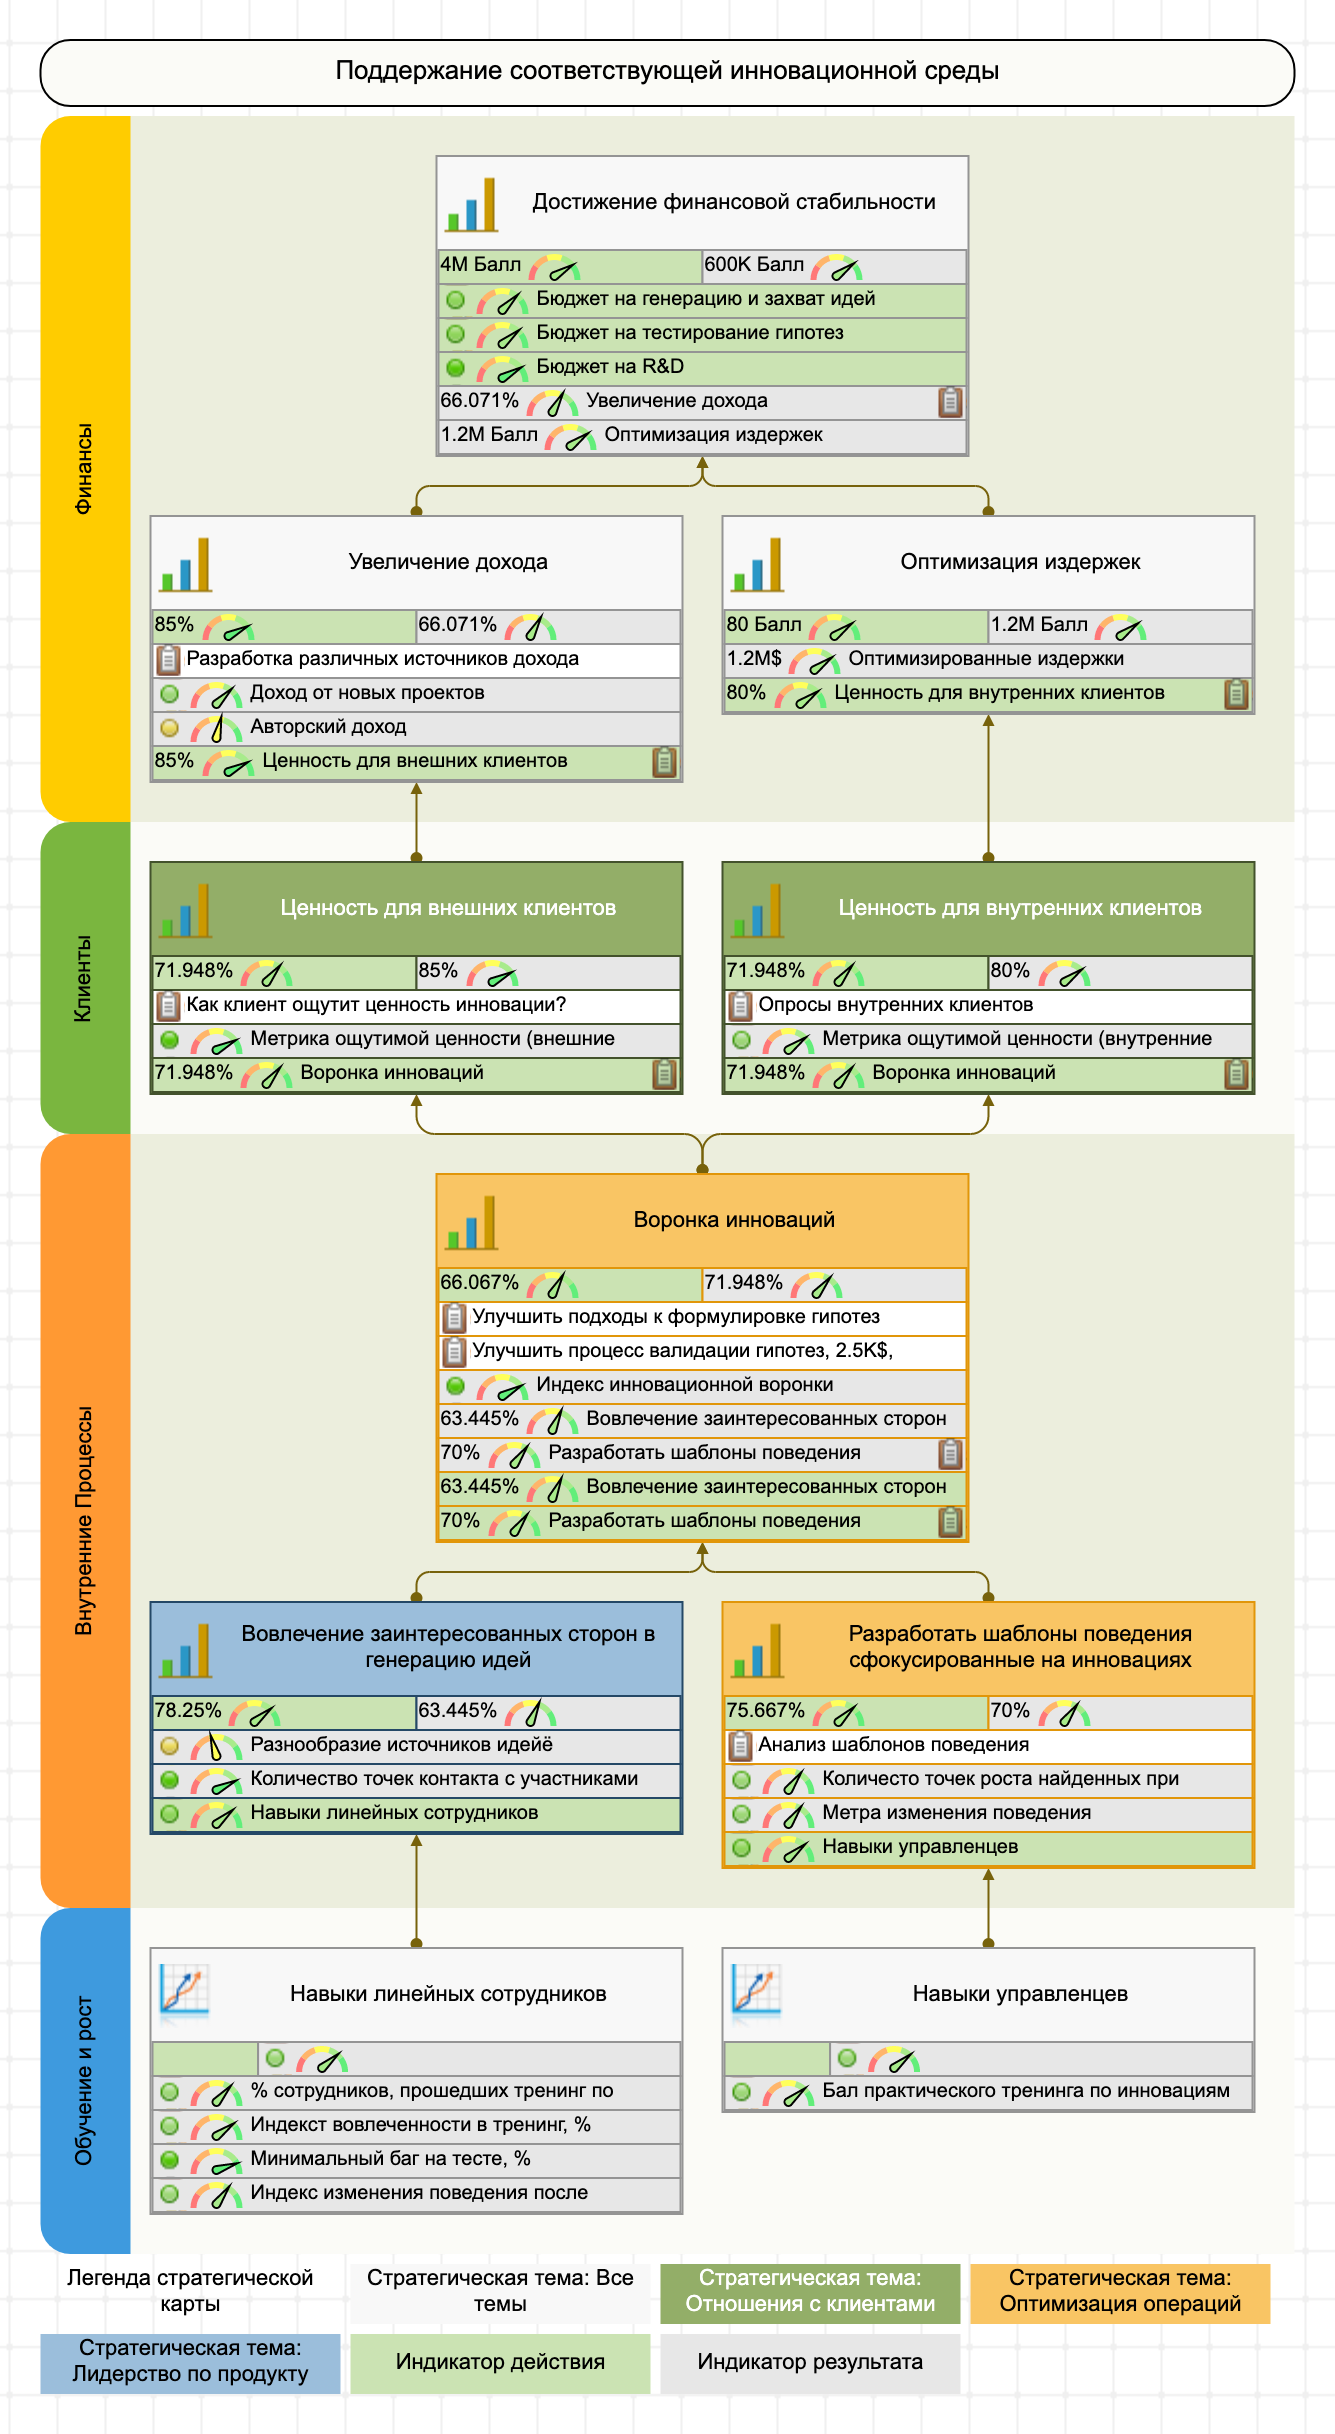 Пример стратегической карты инноваций